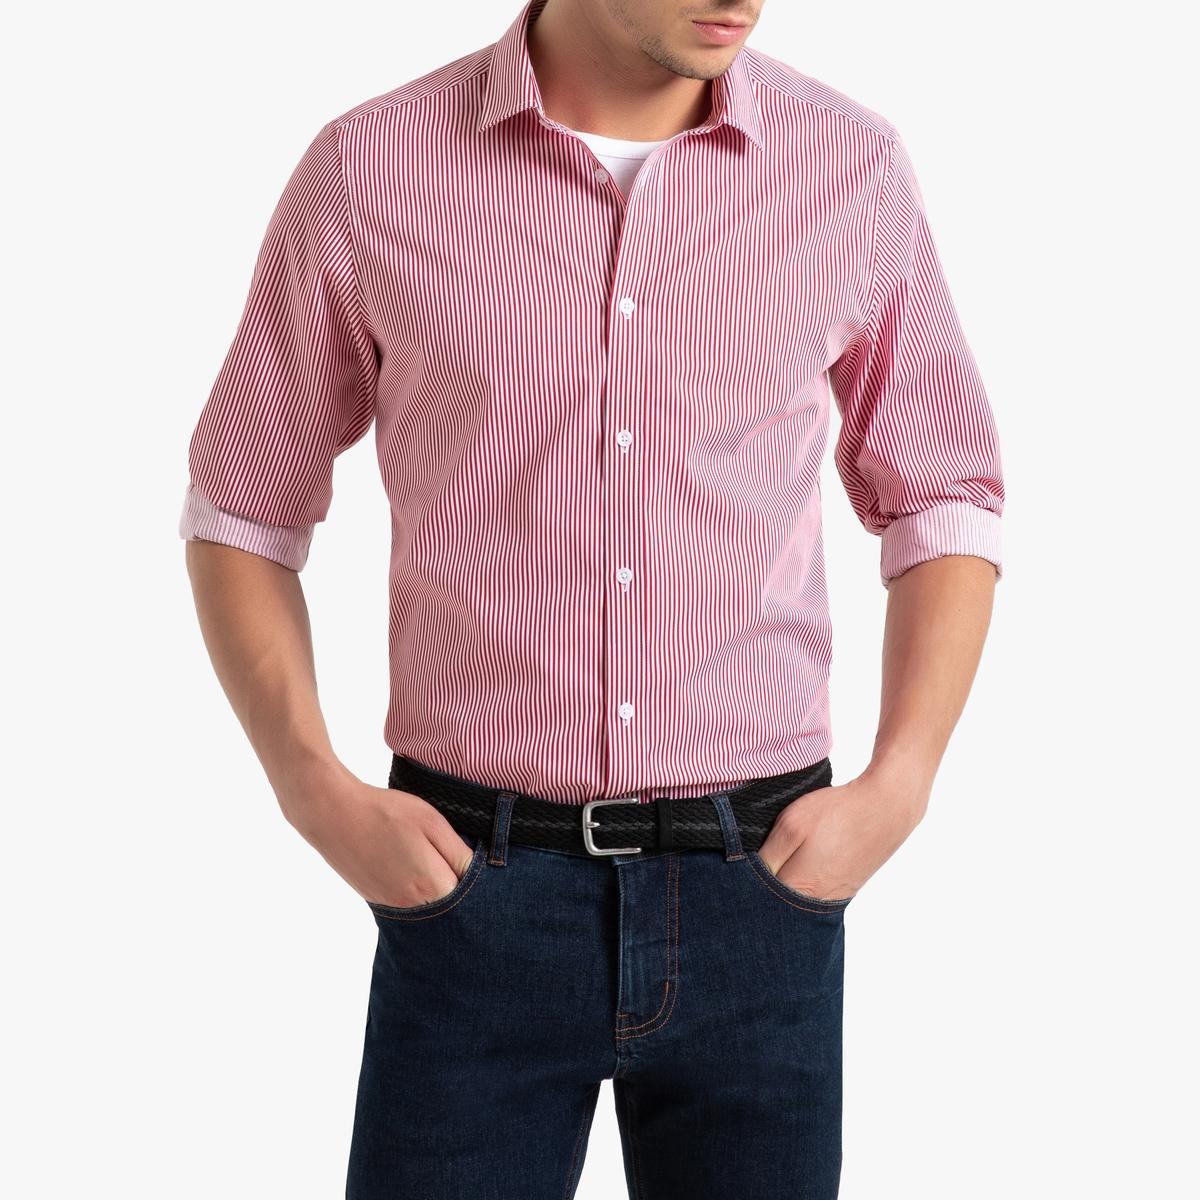 Рубашка La Redoute Узкого покроя в полоску с длинными рукавами 45/46 красный рубашка la redoute прямого покроя в клетку с длинными рукавами 45 46 серый